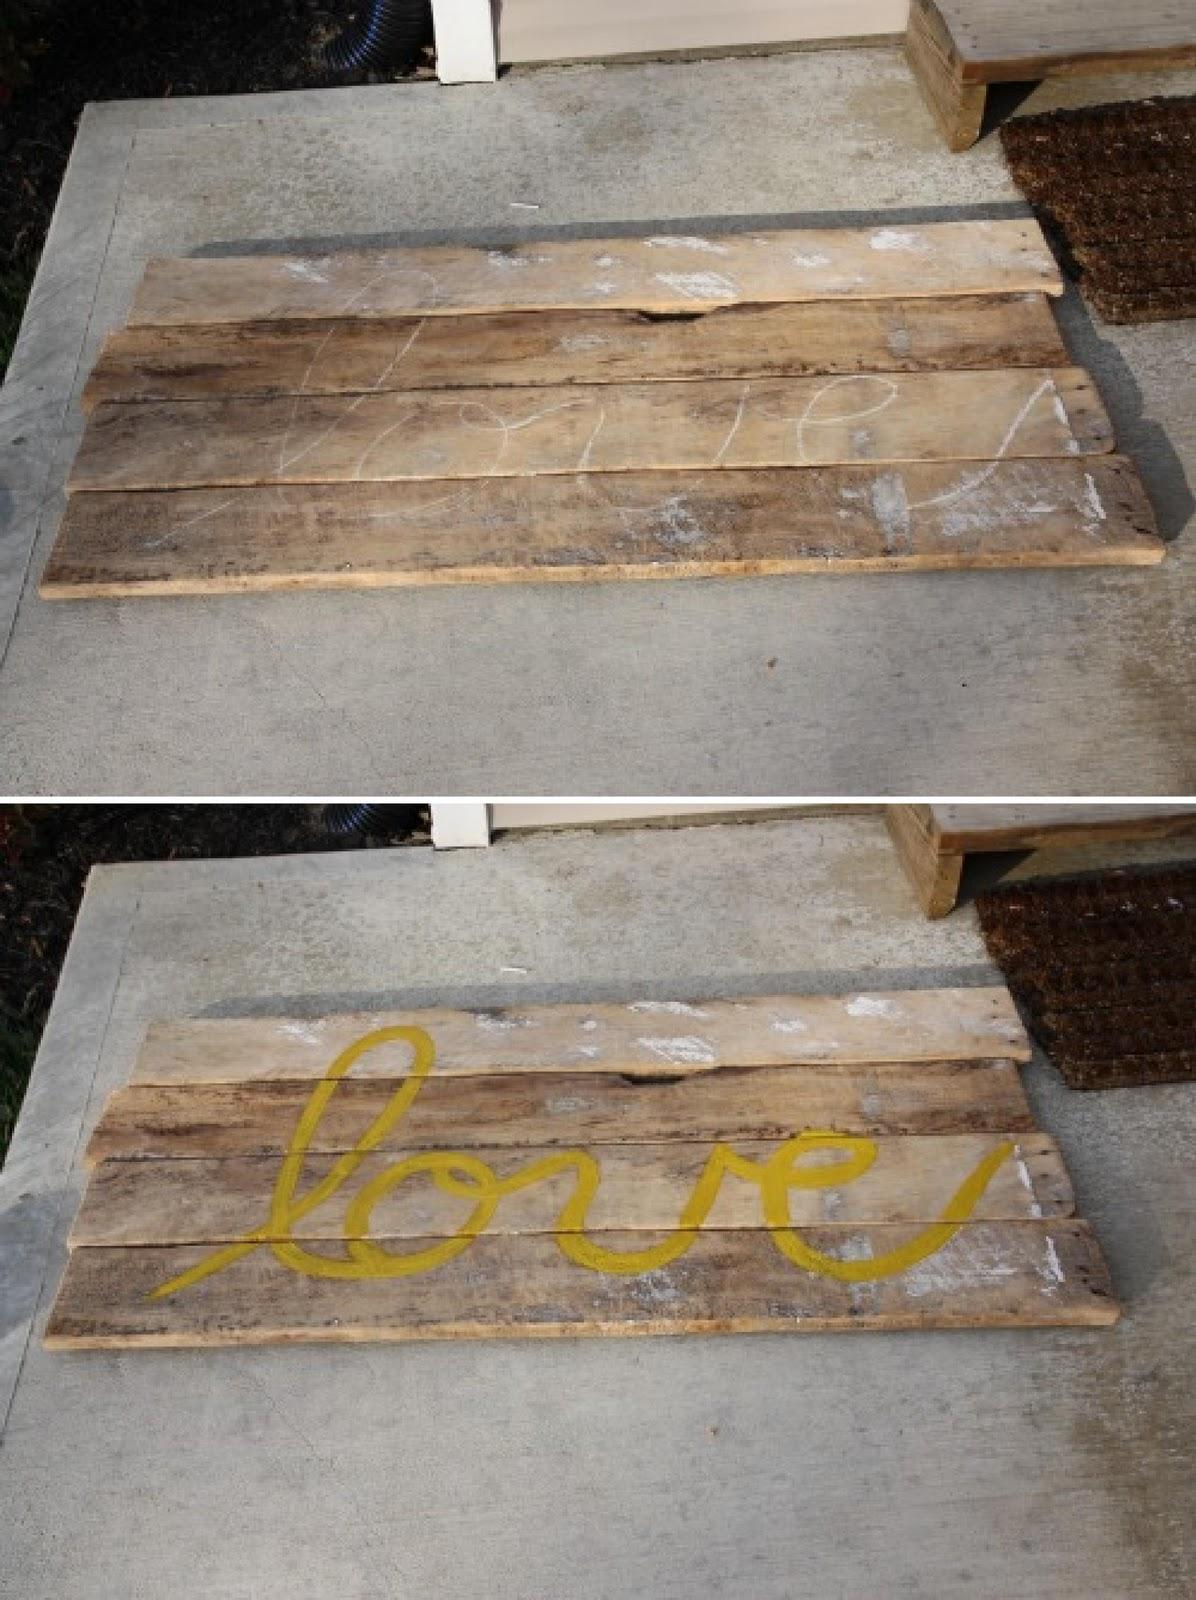 Diy cabecero con tablones de madera - Hacer cabecero de madera ...